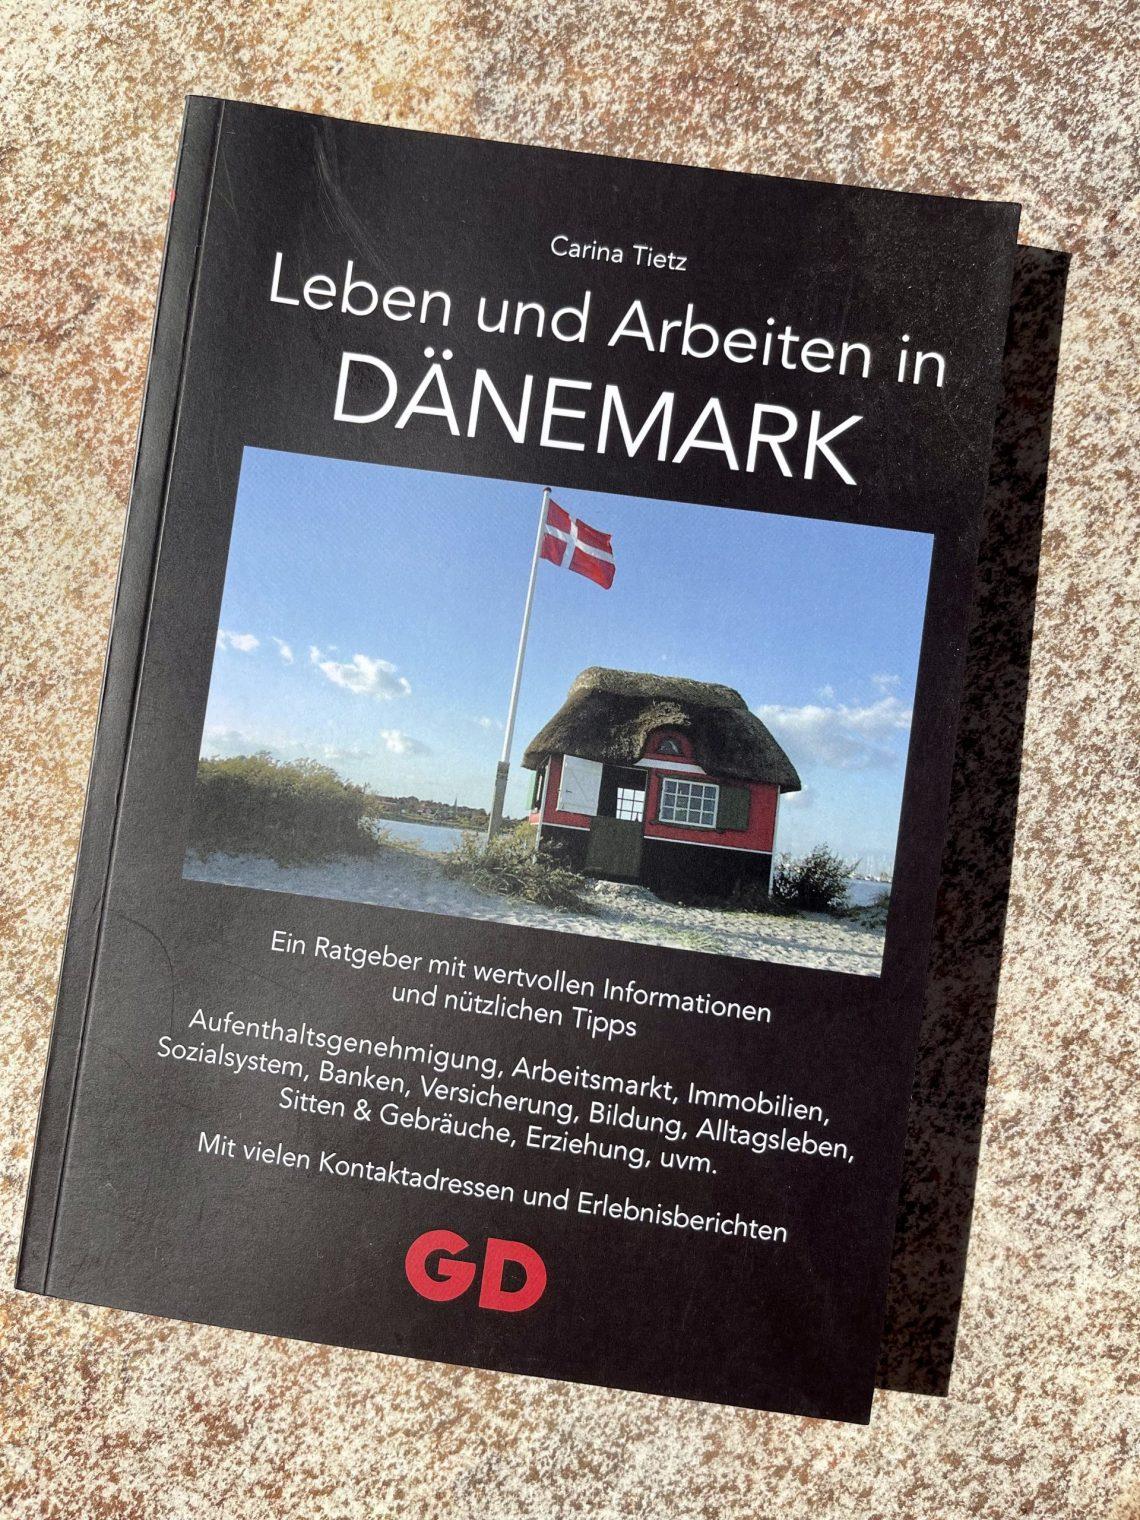 Leben und Arbeiten in Dänemark (Foto: Andreas Lerg)